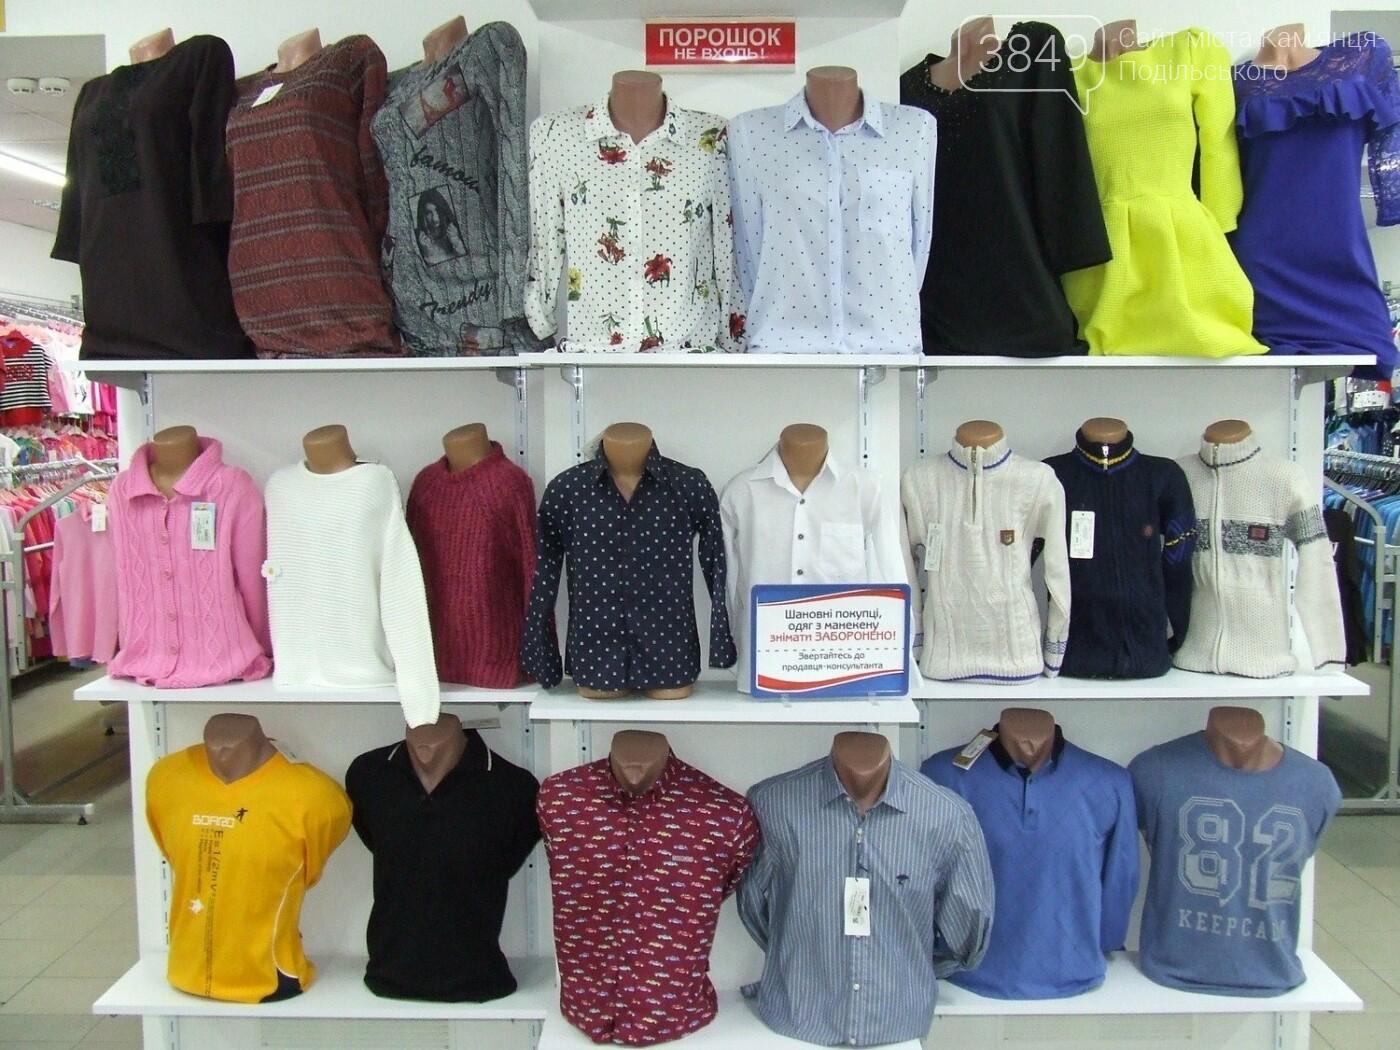 """Одяг для усієї родини у новому магазині """"SUPERЦІНА"""" у Кам'янці-Подільському, фото-15"""